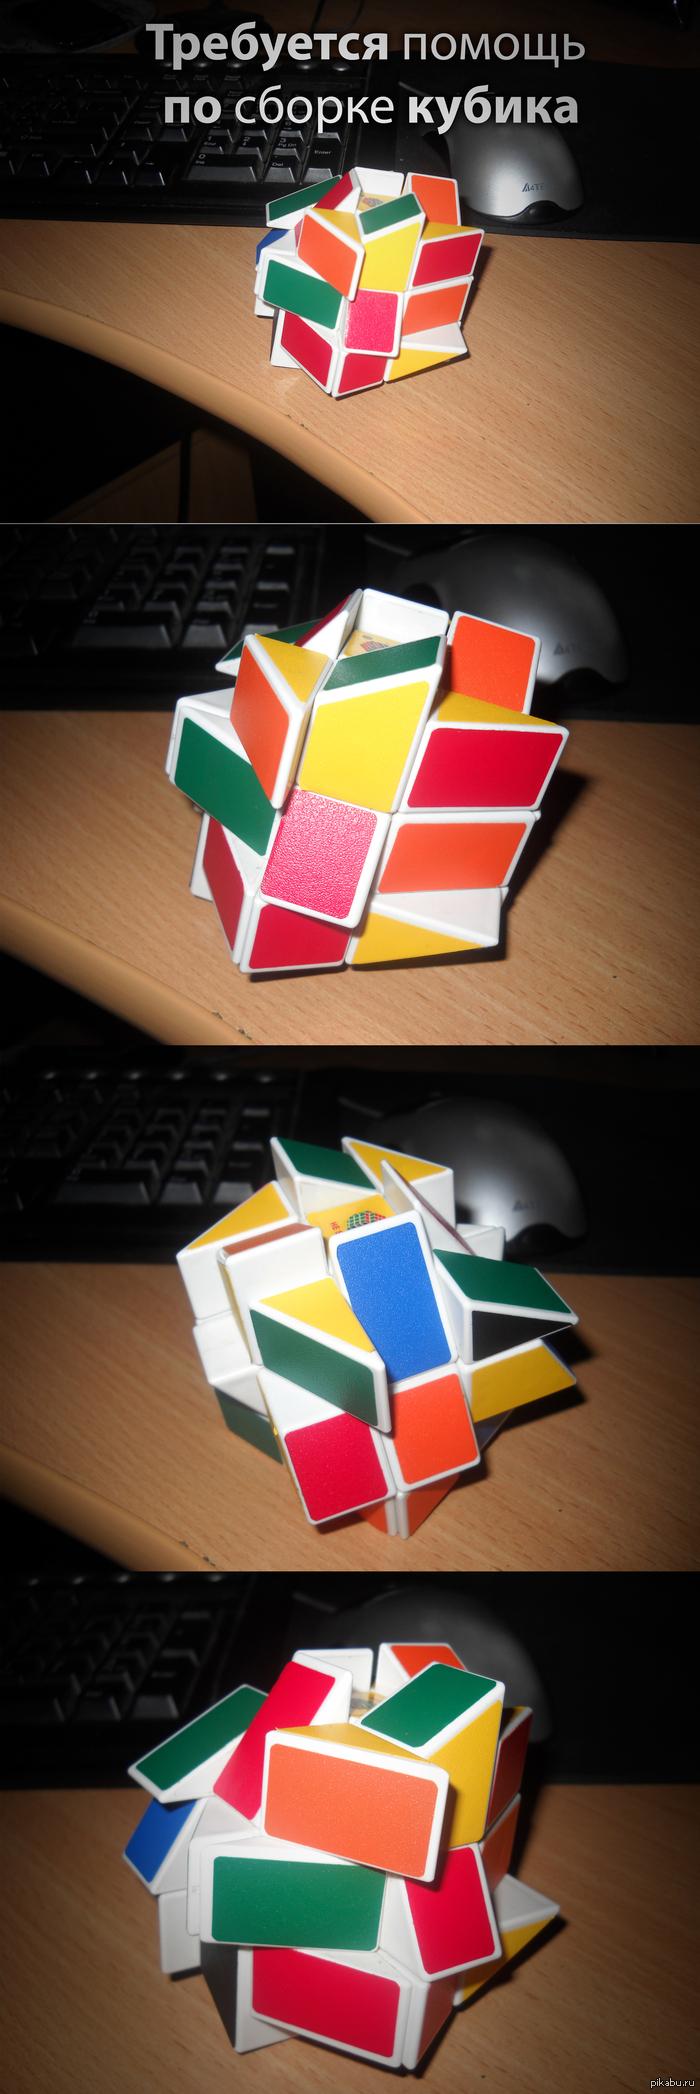 для как собрать кубик рубика сайт дремучего деда Студопедии можете прочитать